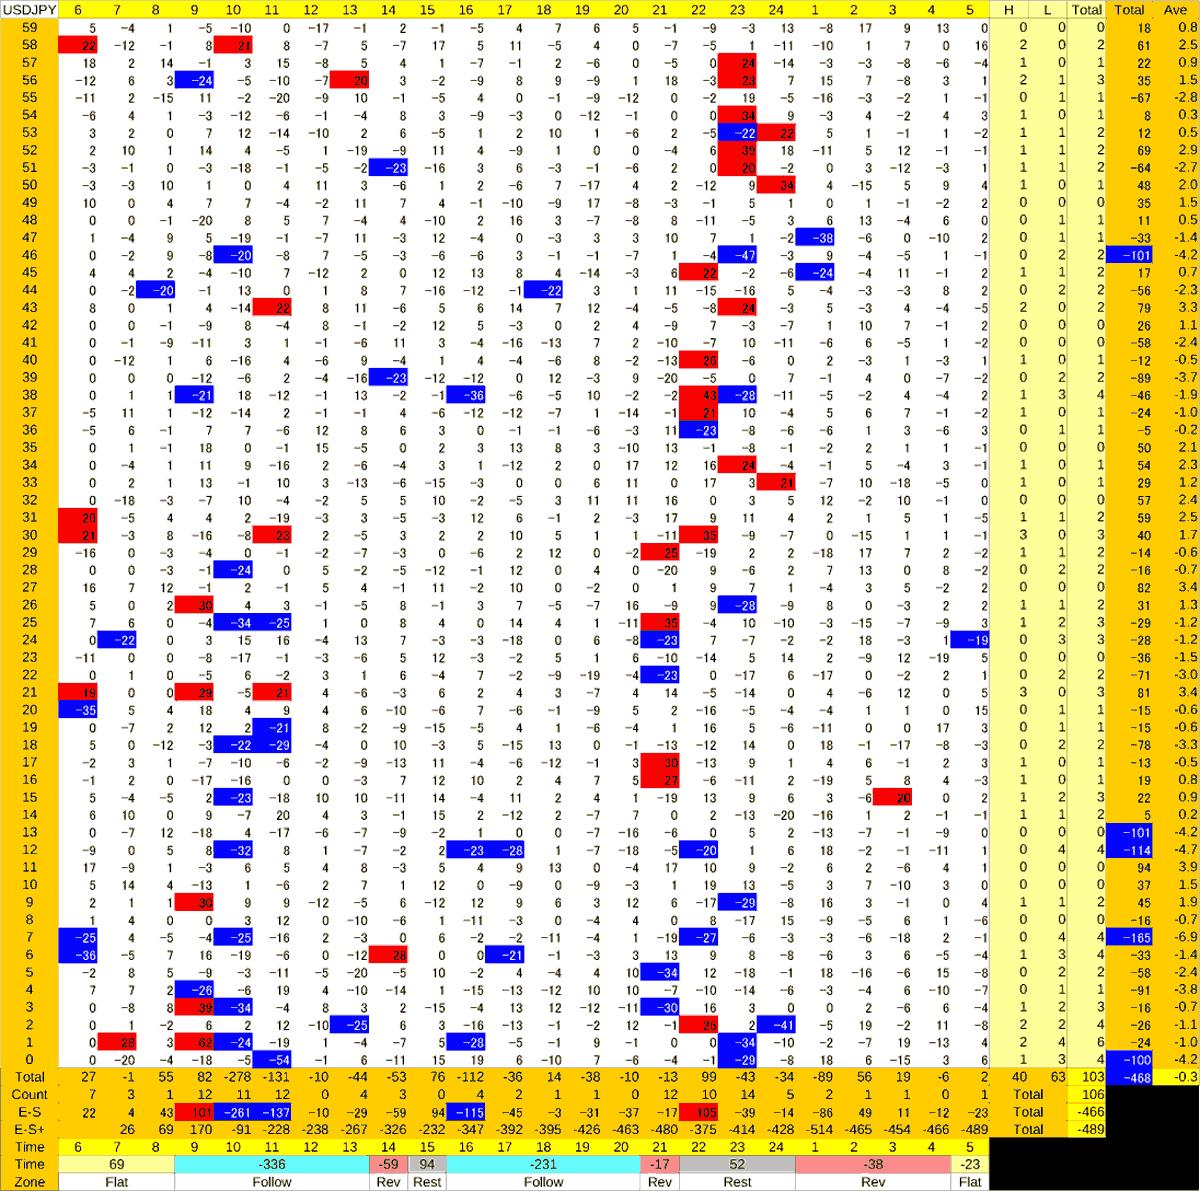 20200701_HS(1)USDJPY